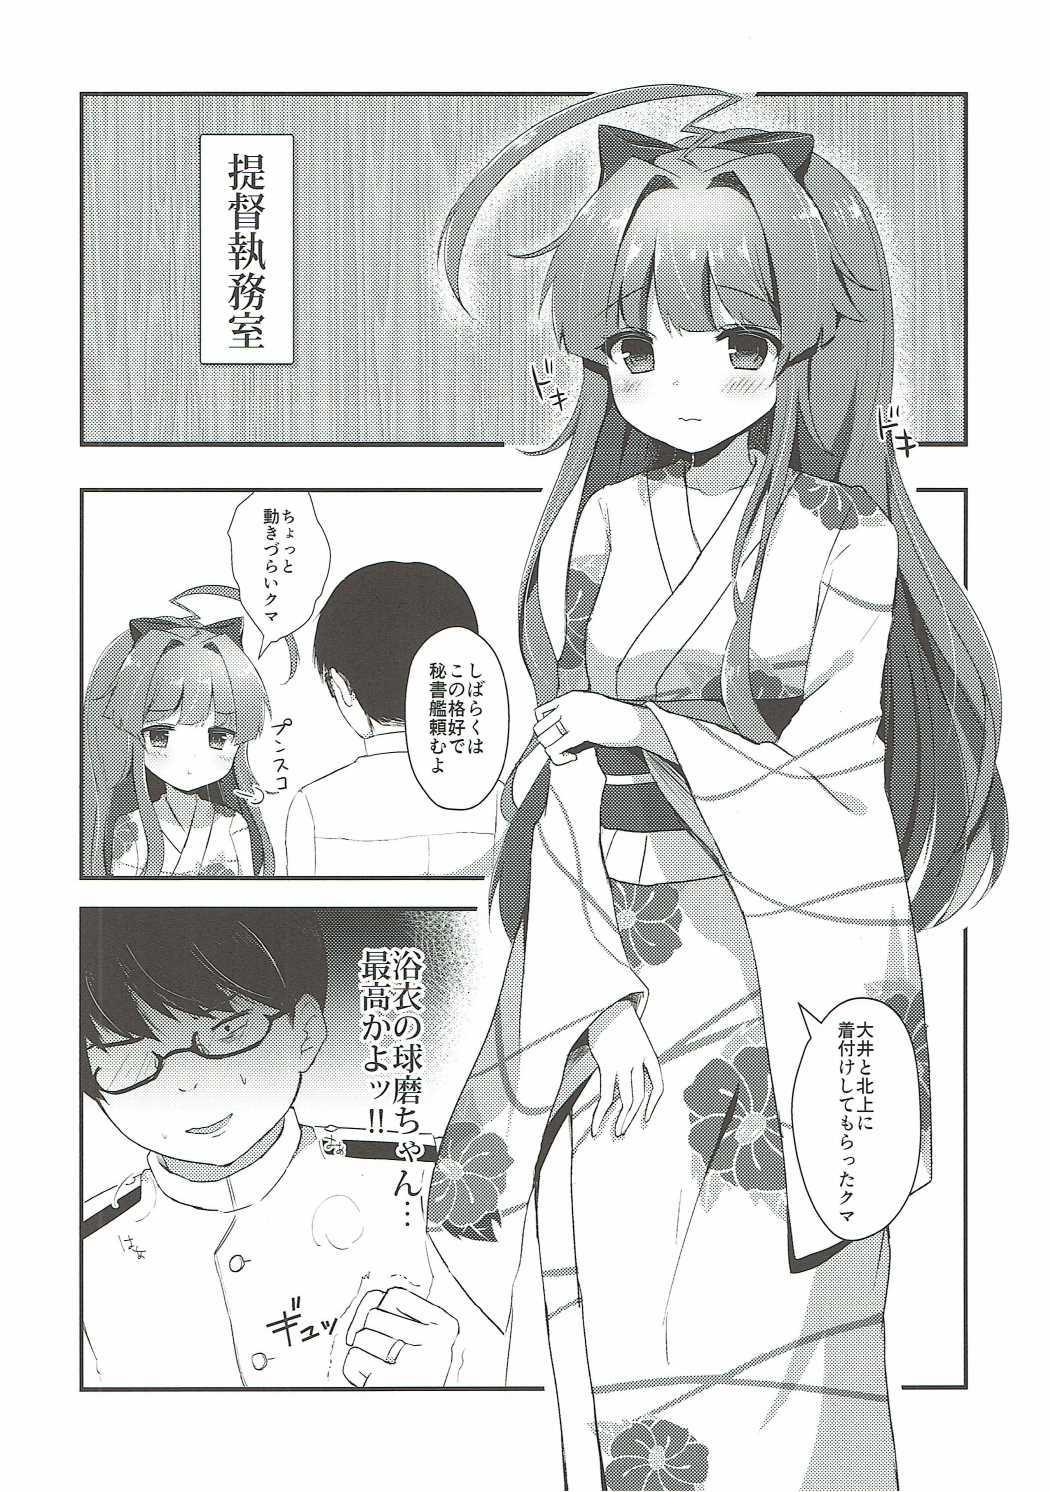 Kuma-chan wa Amai Hachimitsu no Kaori 4